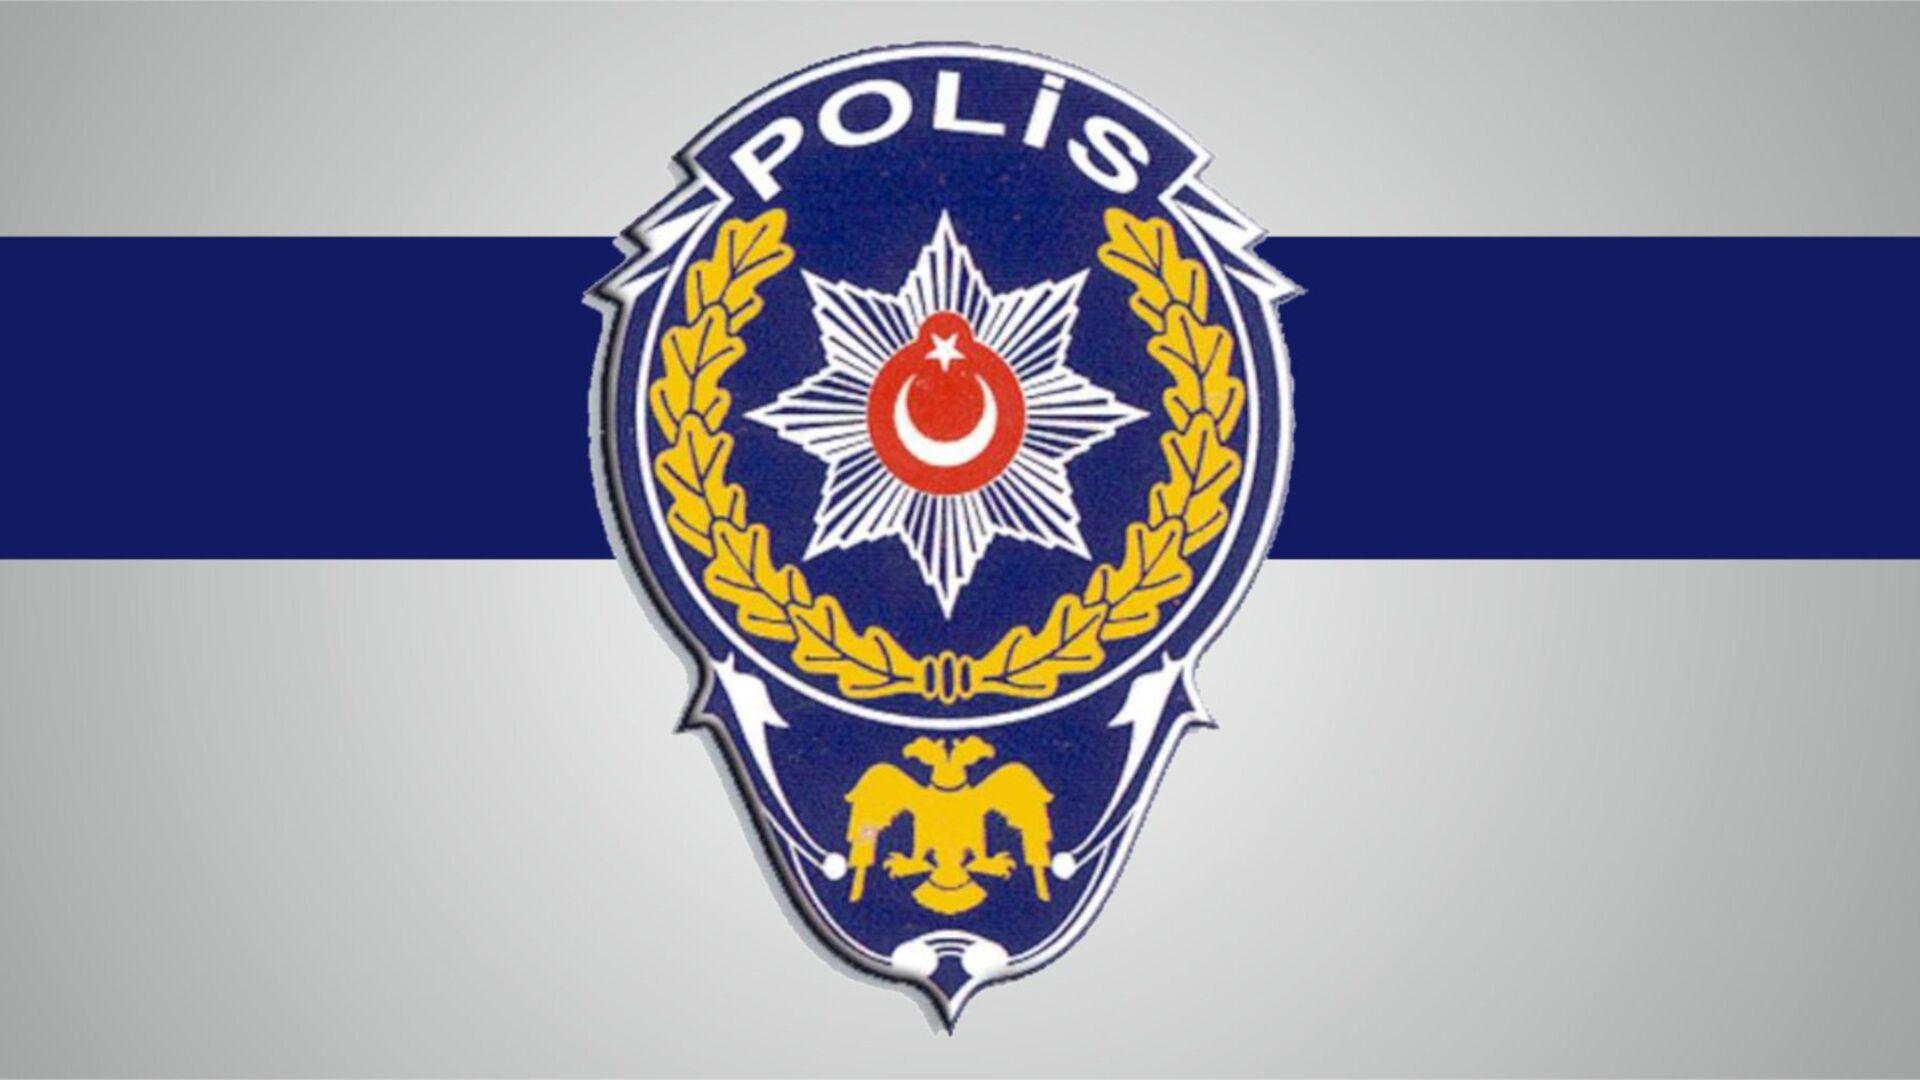 Emniyet Genel Müdürlüğü - Sputnik Türkiye, 1920, 14.08.2021